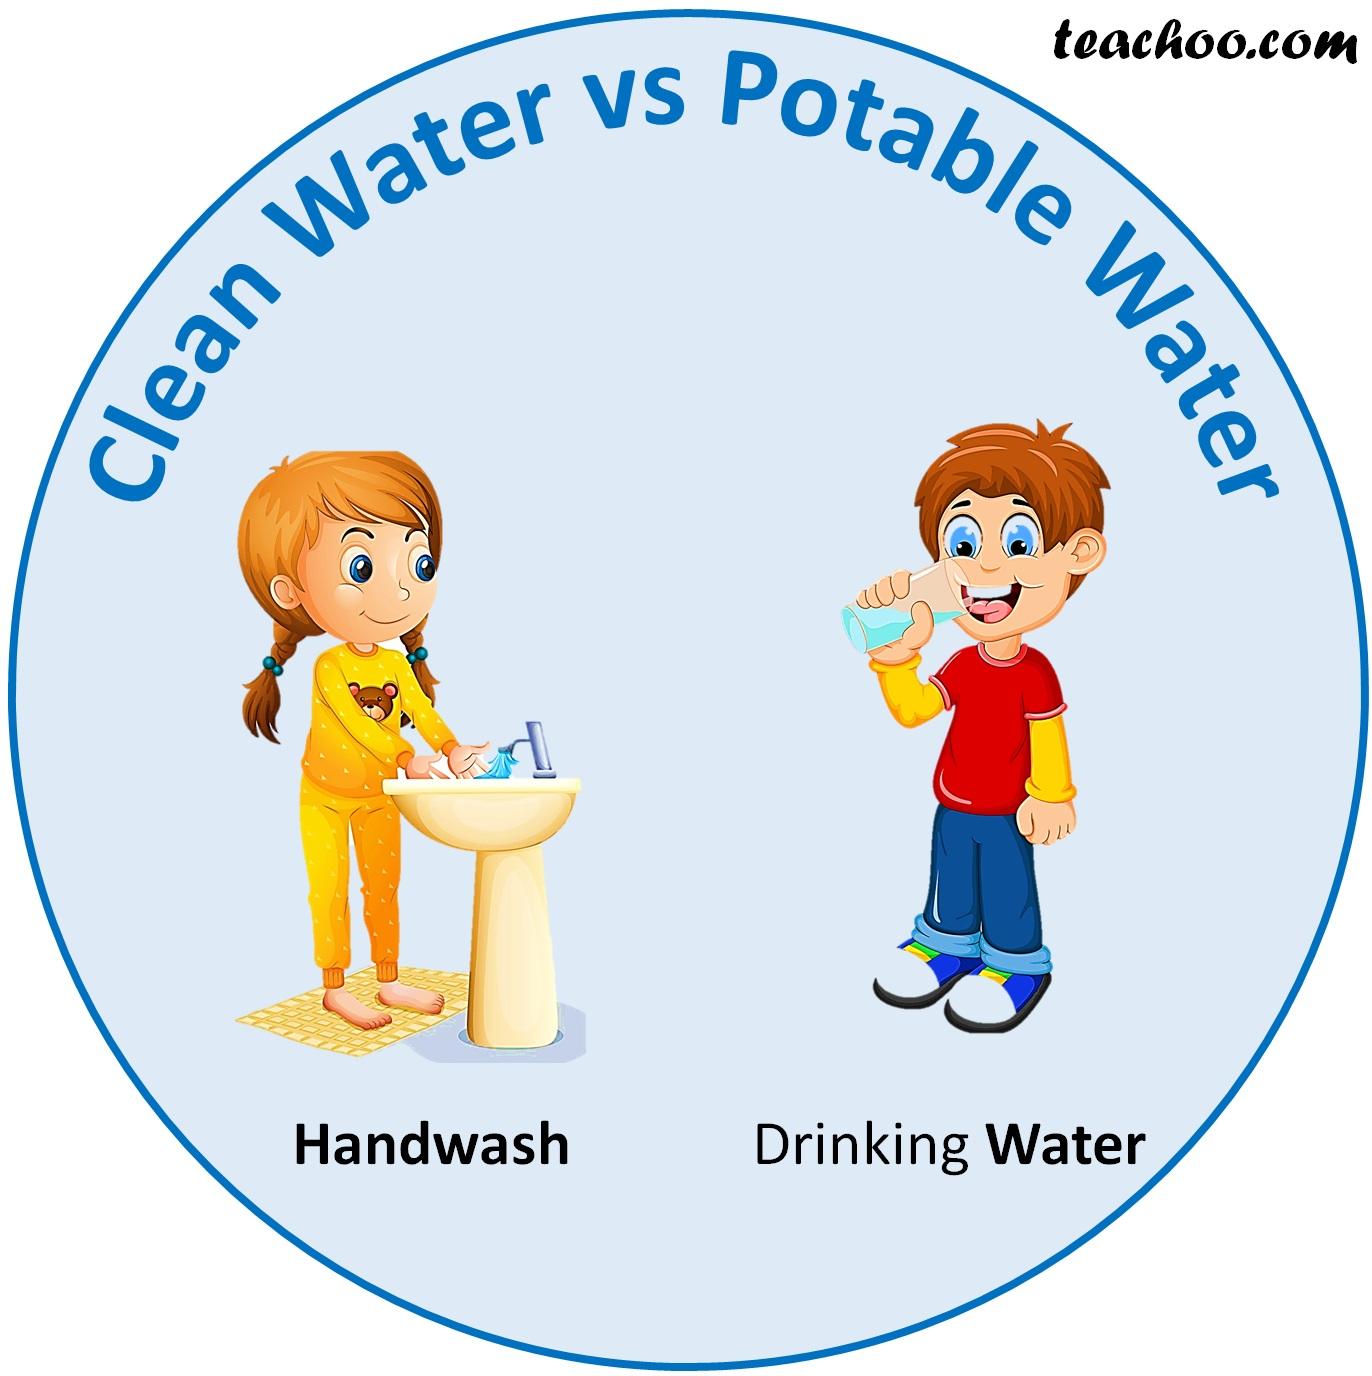 Clean Water vs Potable Water.jpg